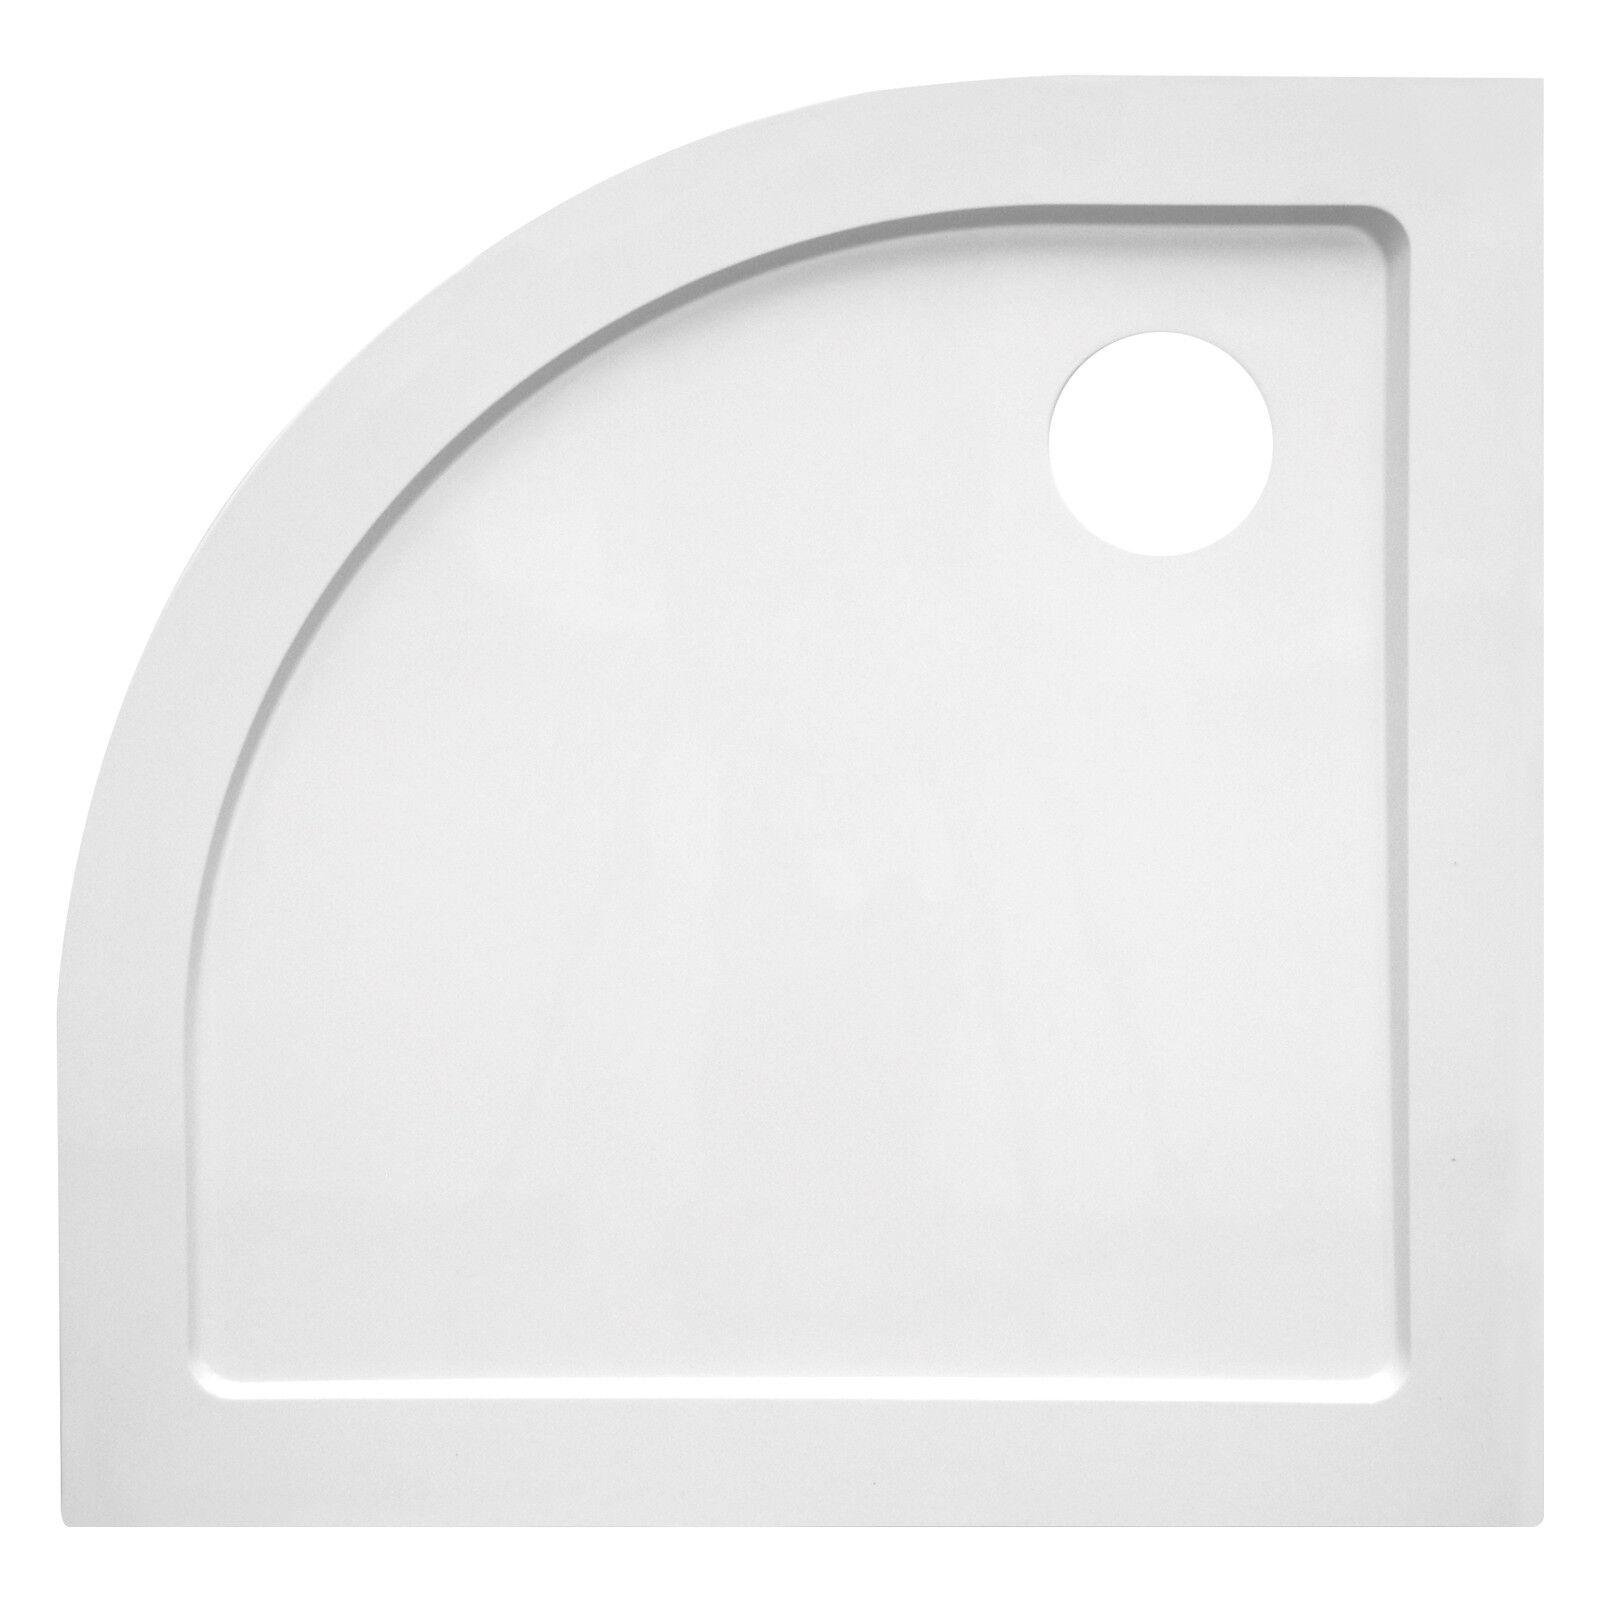 Piatto doccia 90 x 90 cm angolare h 3,5 cm ultraslim arredo bagno moderno